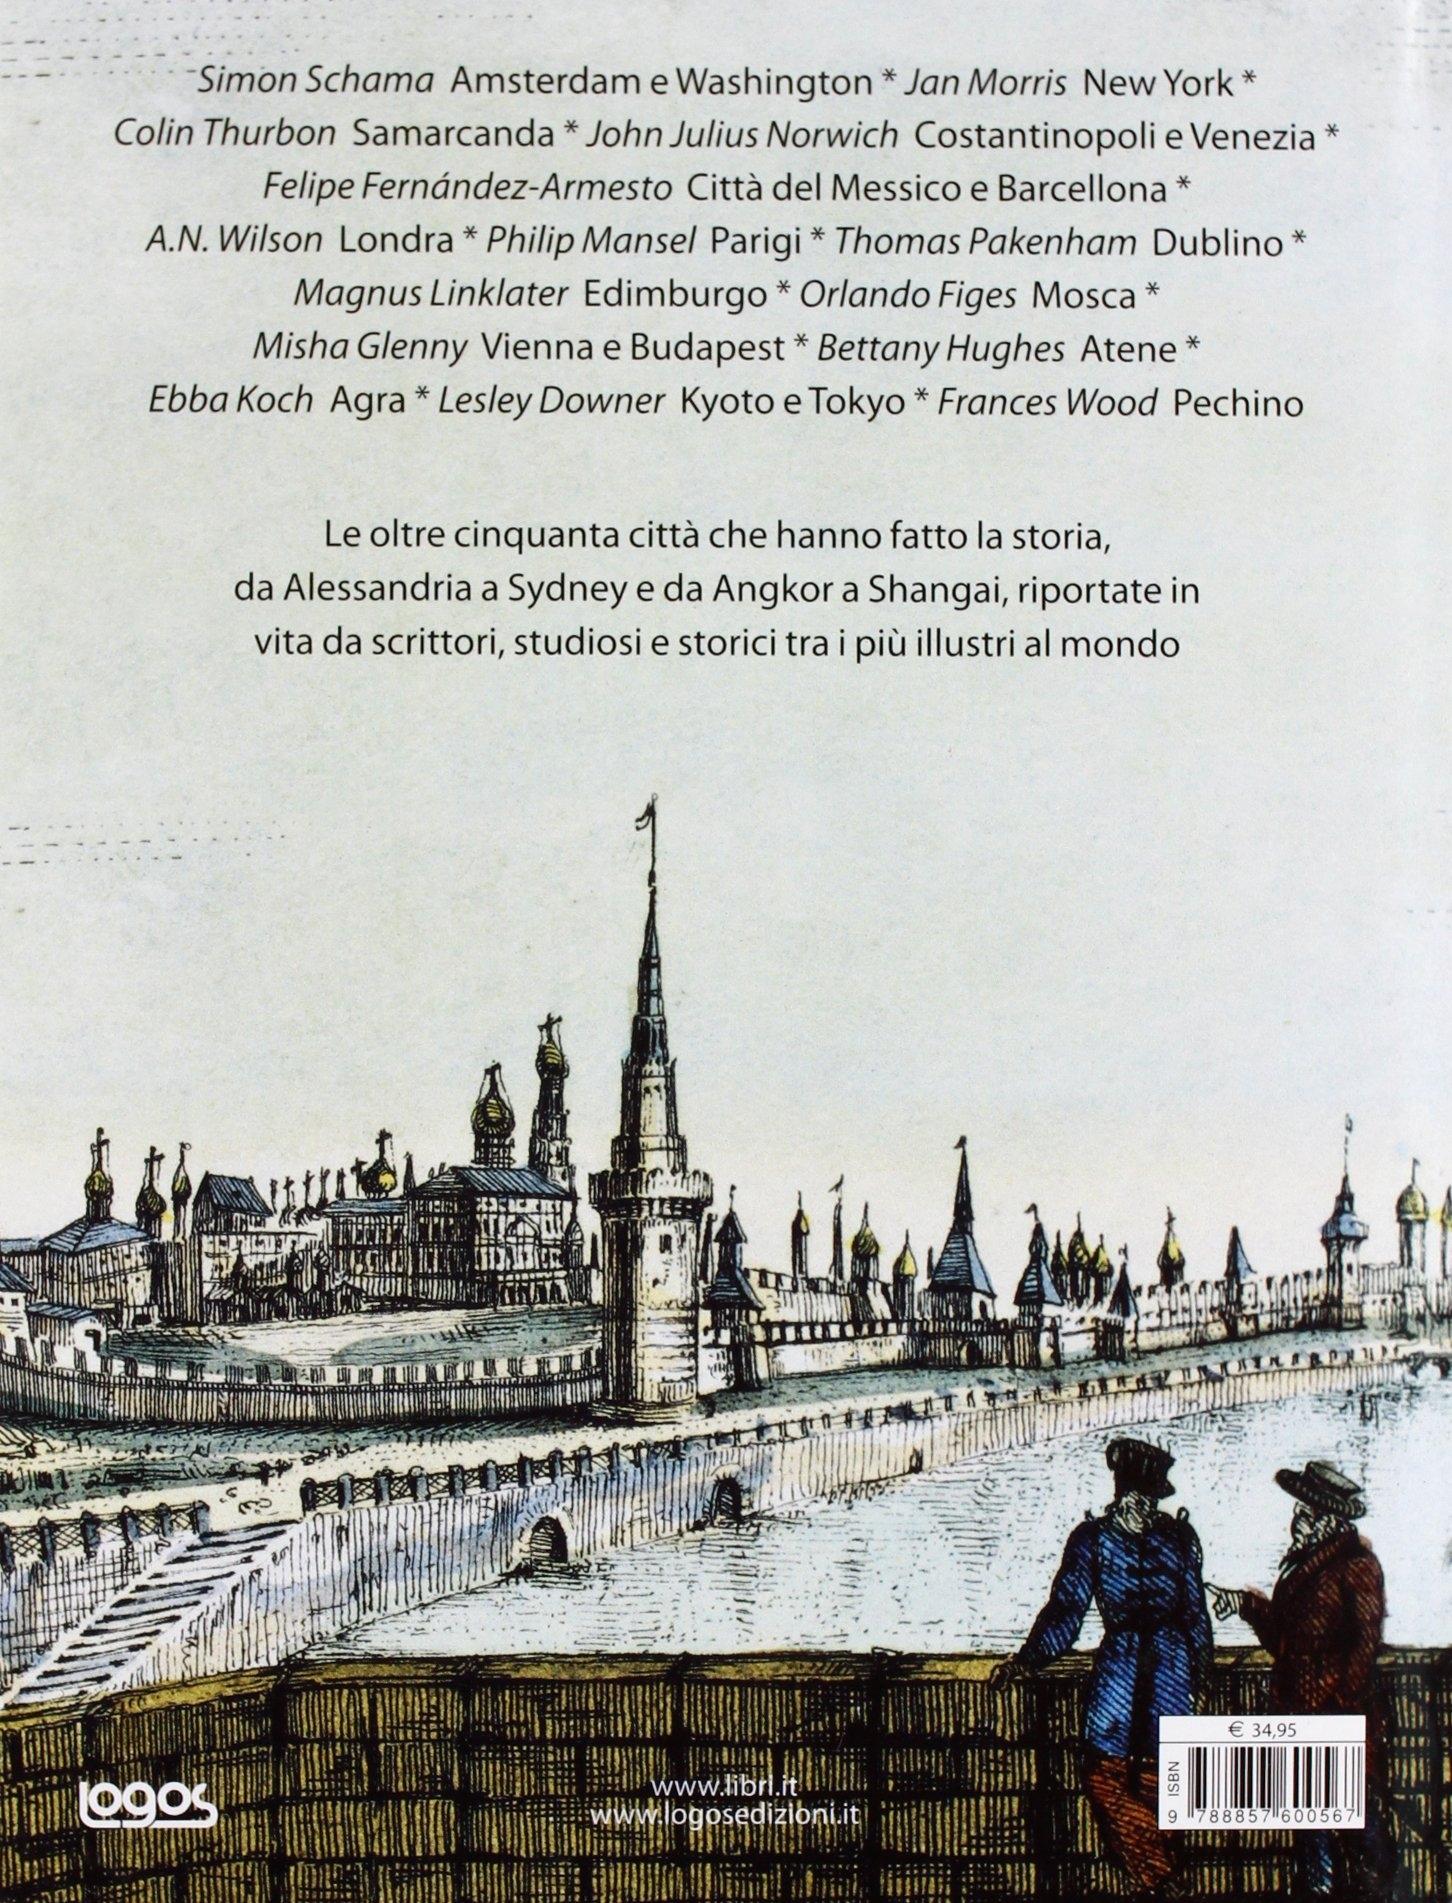 Le città che hanno fatto la storia